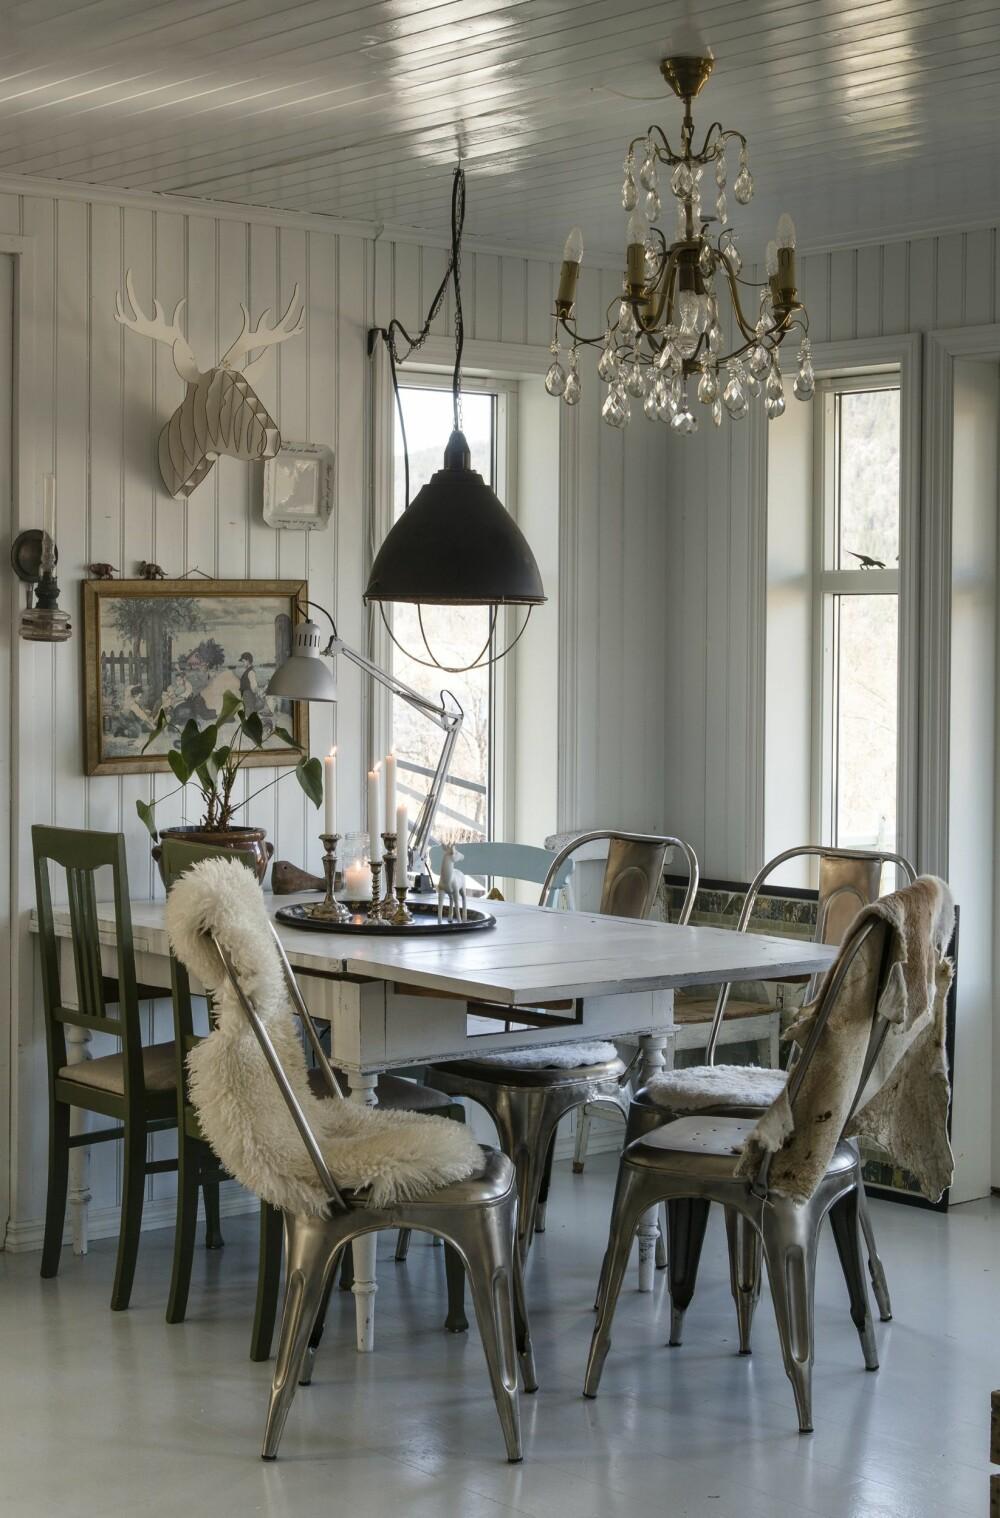 SPISESTUE: Tolix stoler i metall mot røft treverk gir en spennnende kontrast. Spisestua er omkranset av store vinduer og innbyr til lange måltider.